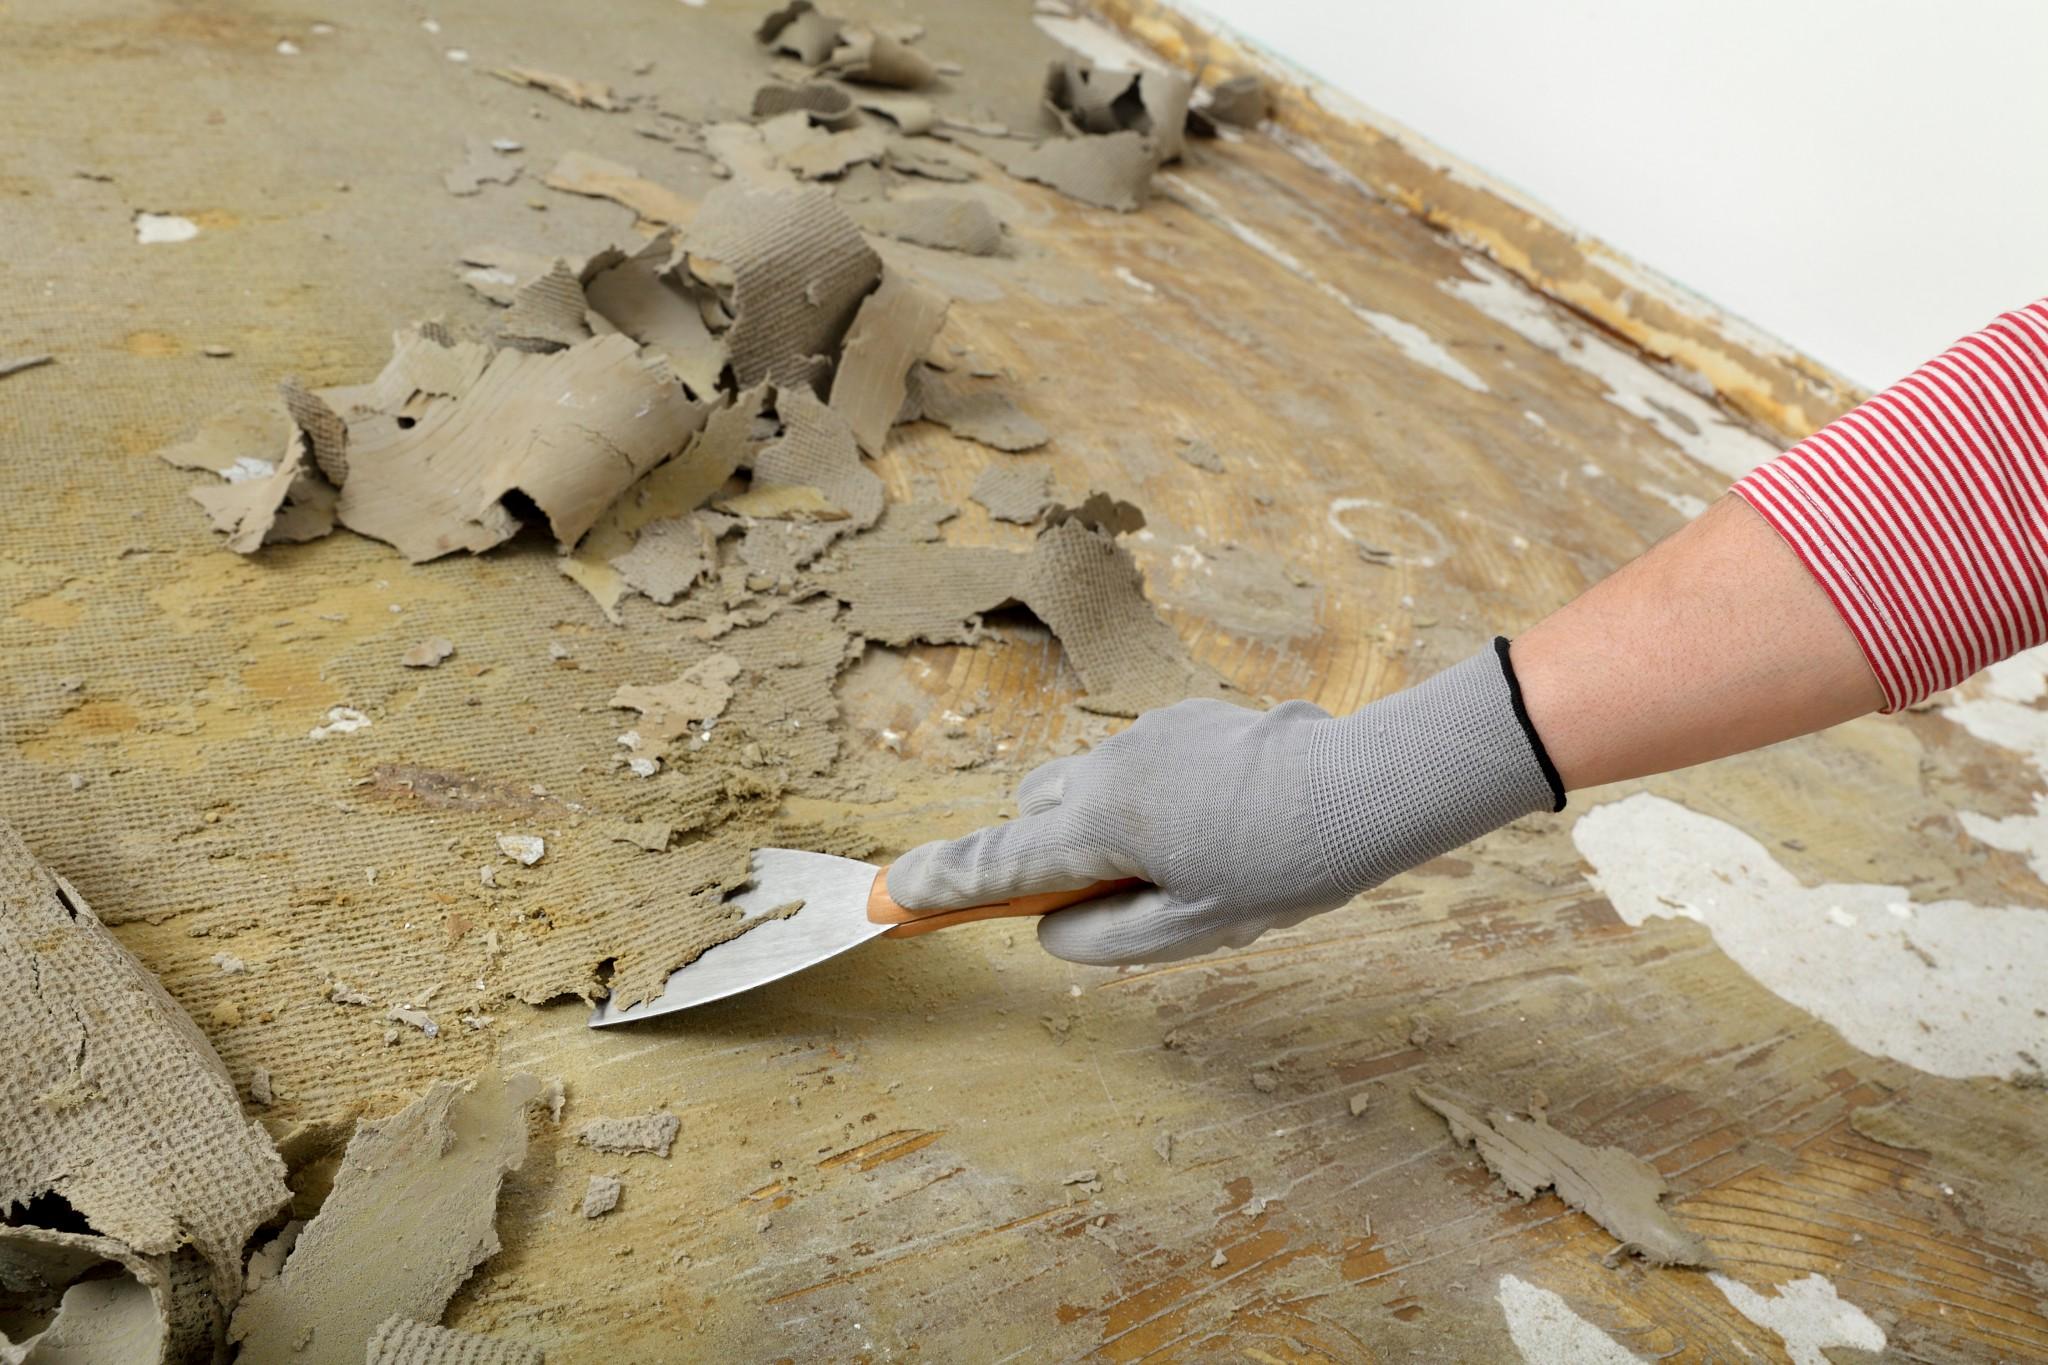 Tapijtlijm verwijderen de gouden raad van tante kaat - Pvc fliesen asbest ...